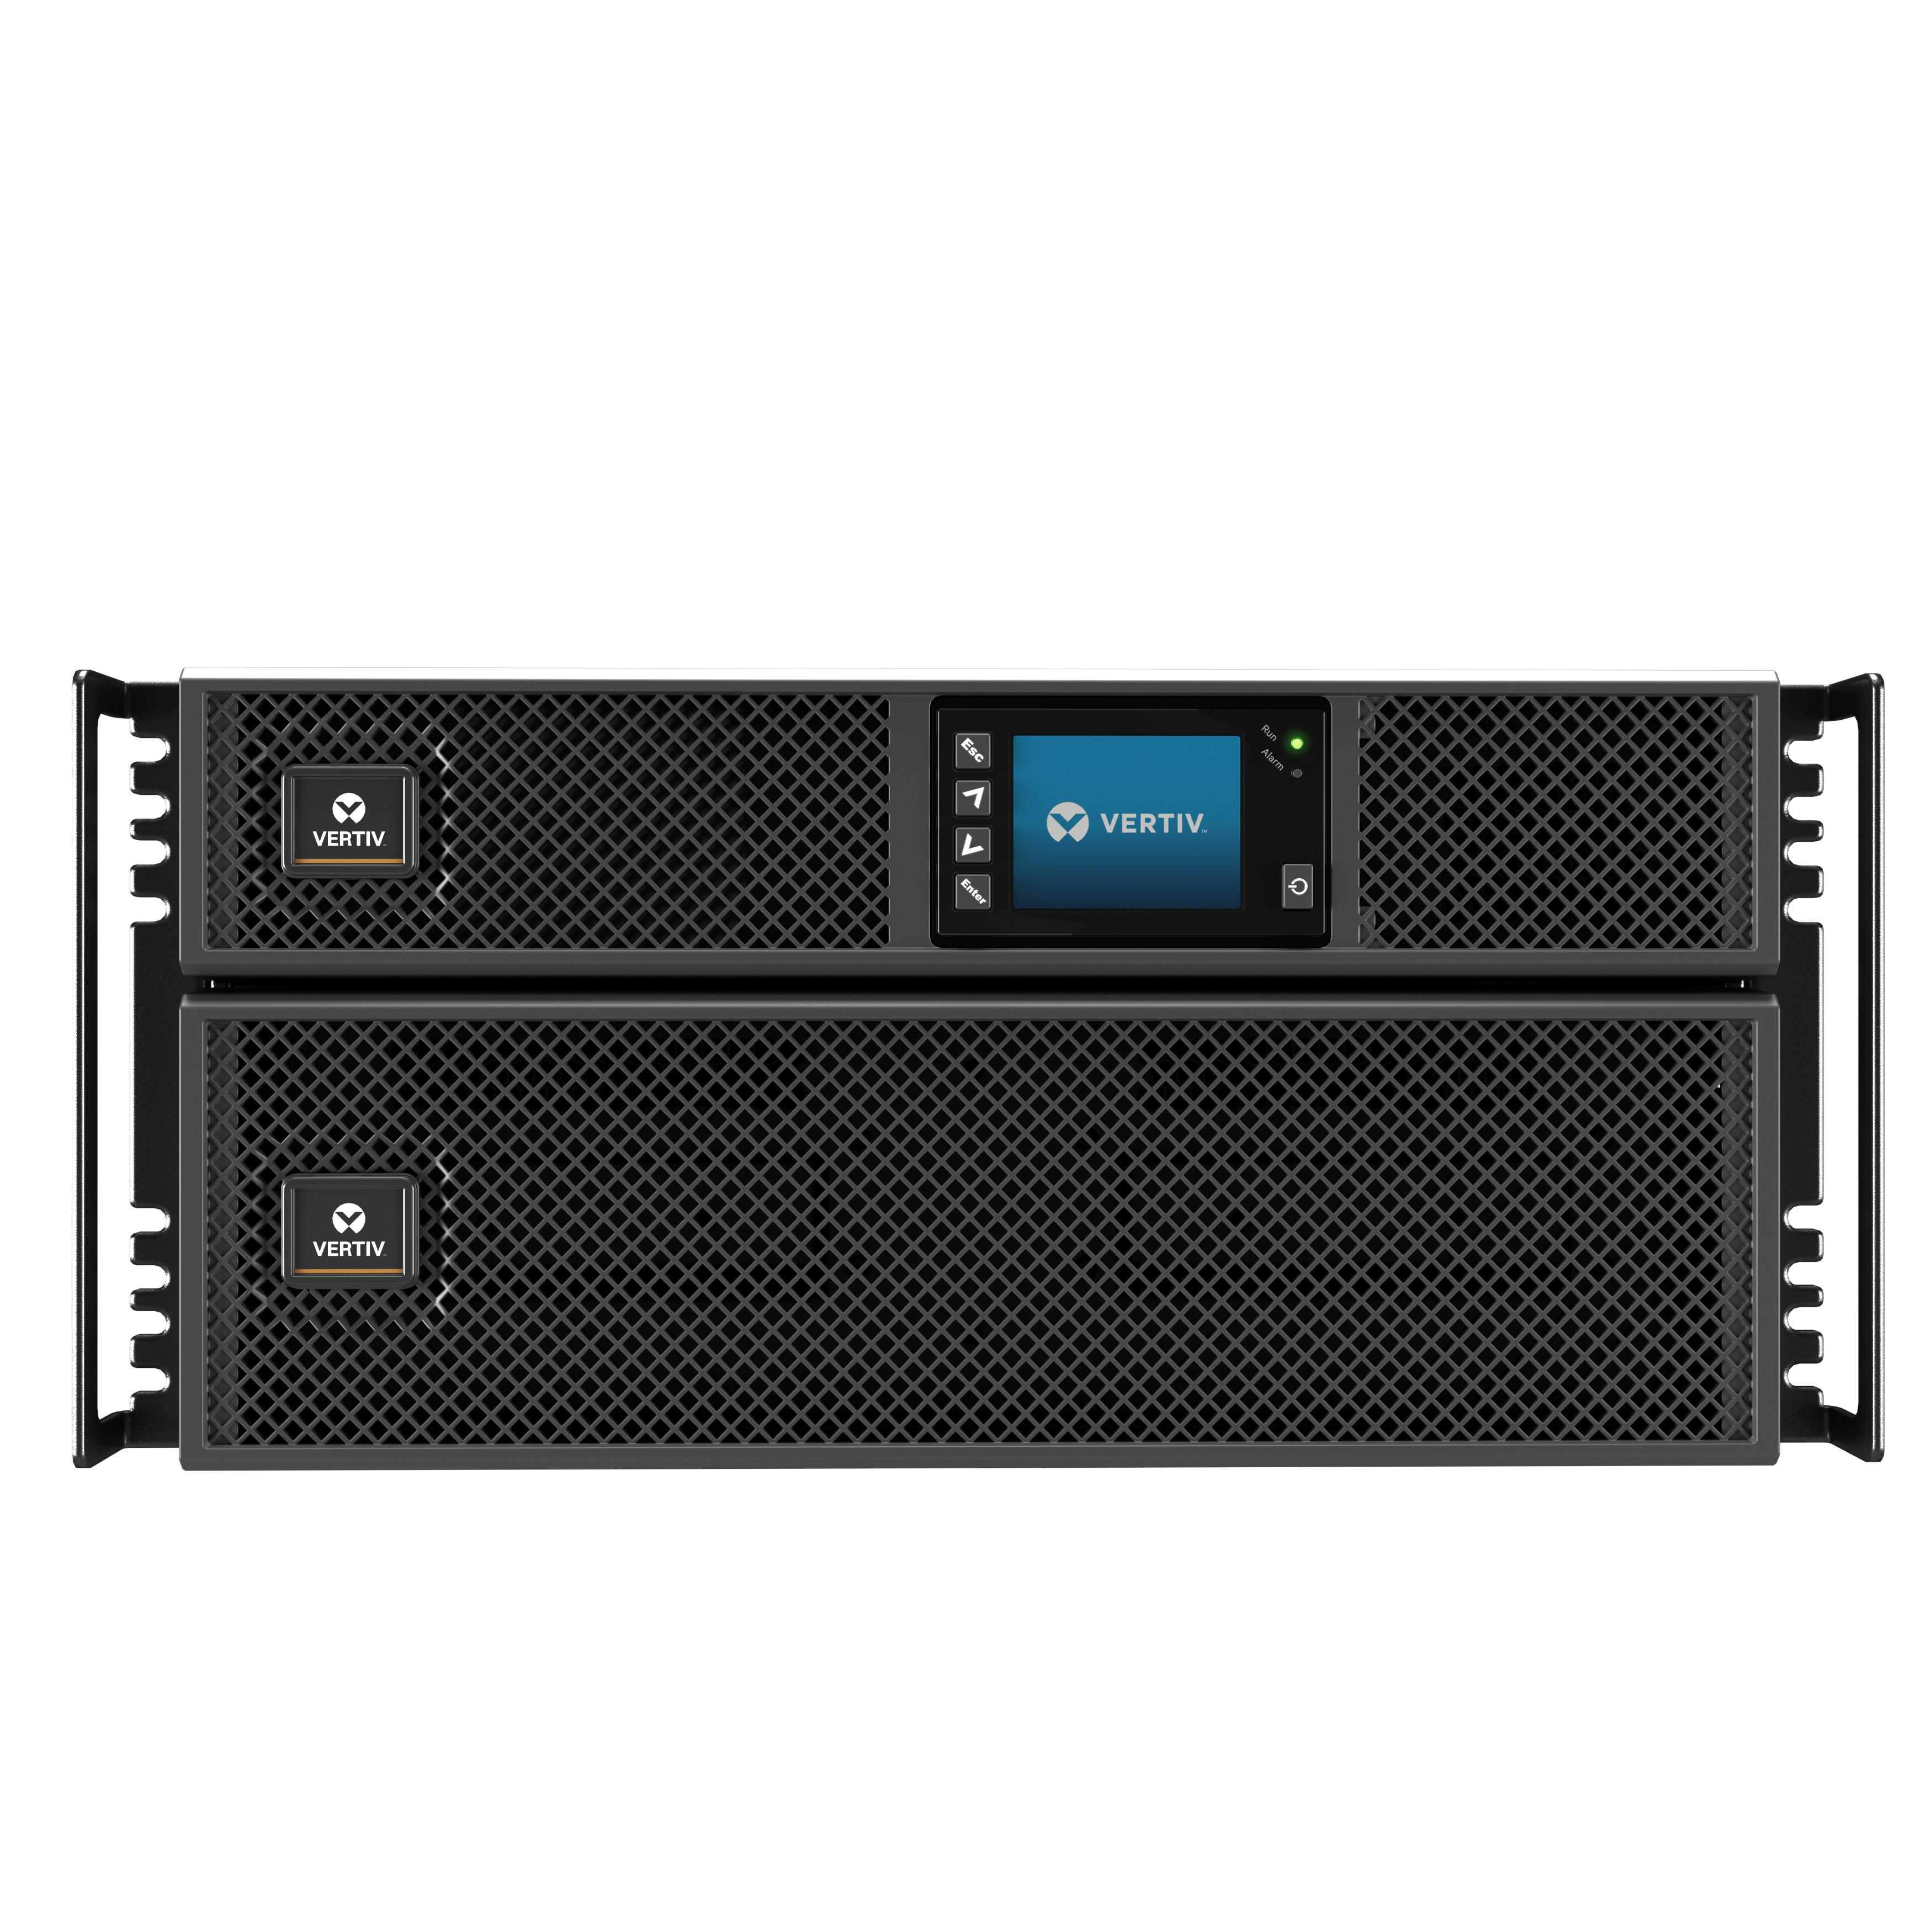 Bộ lưu điện: Vertiv Liebert GXT5 8000VA, 230V - GXT5-8000IRT5UXLN- Hàng chính hãng